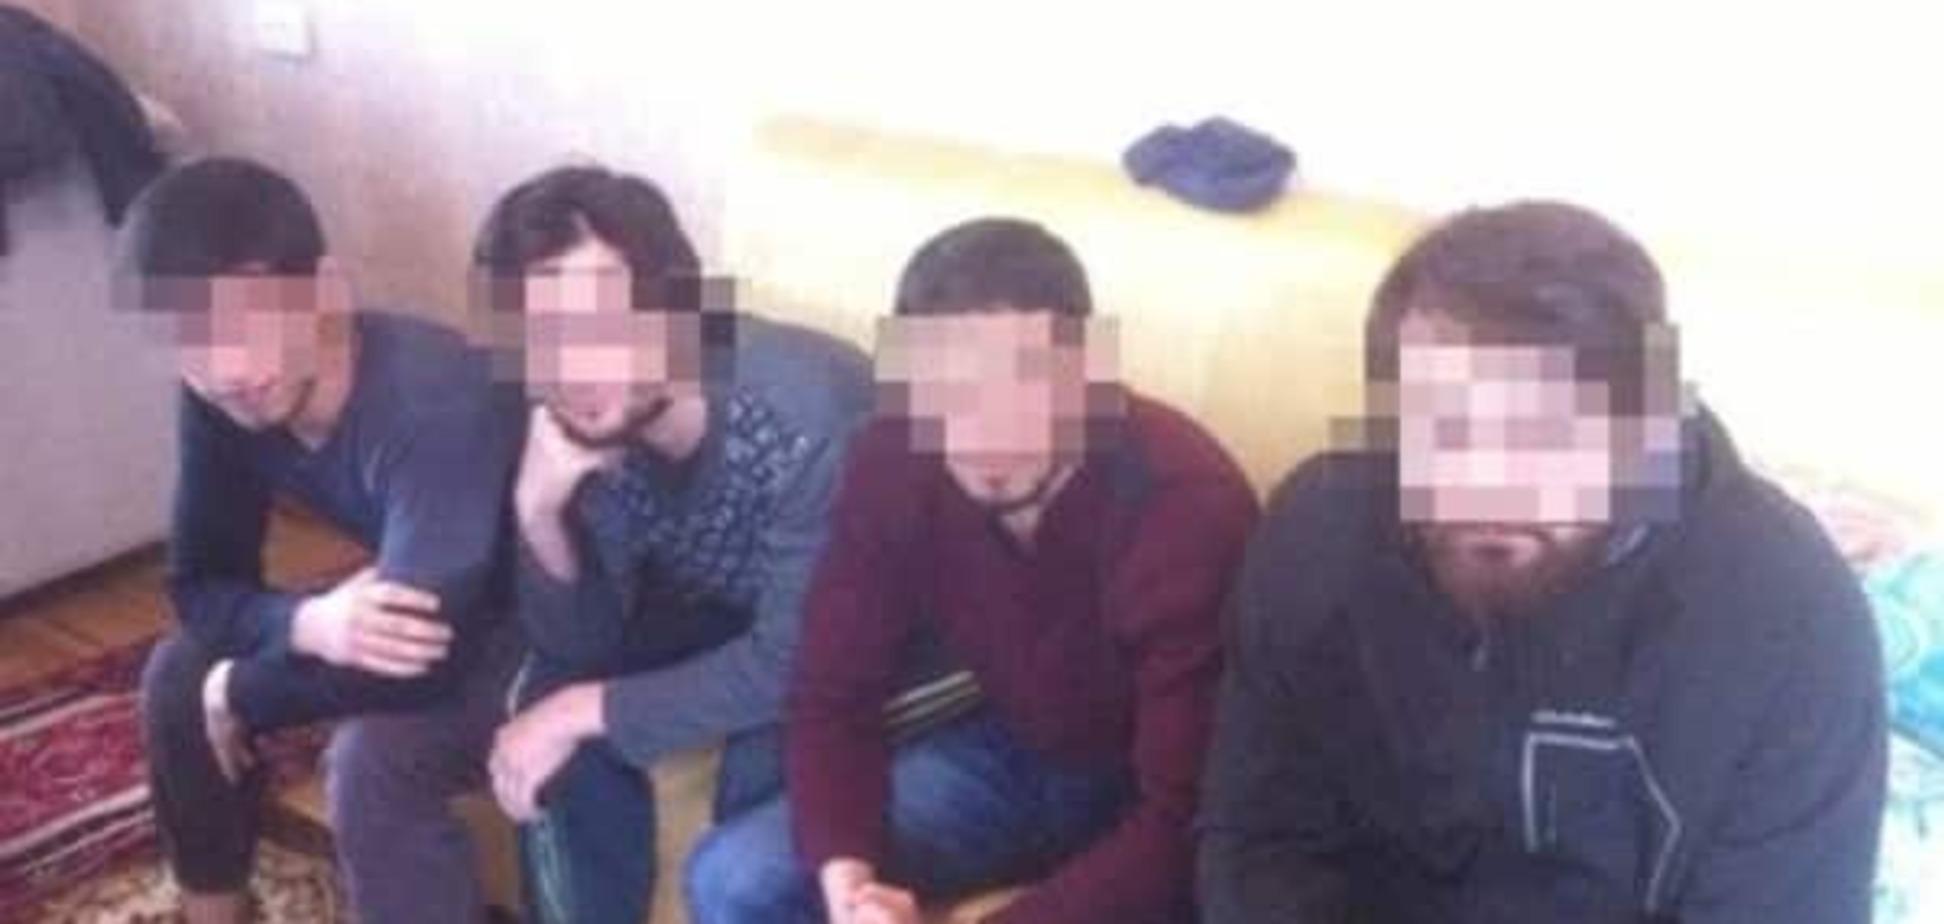 Їхали на війну: в Києві затримали групу прихильників ІДІЛ